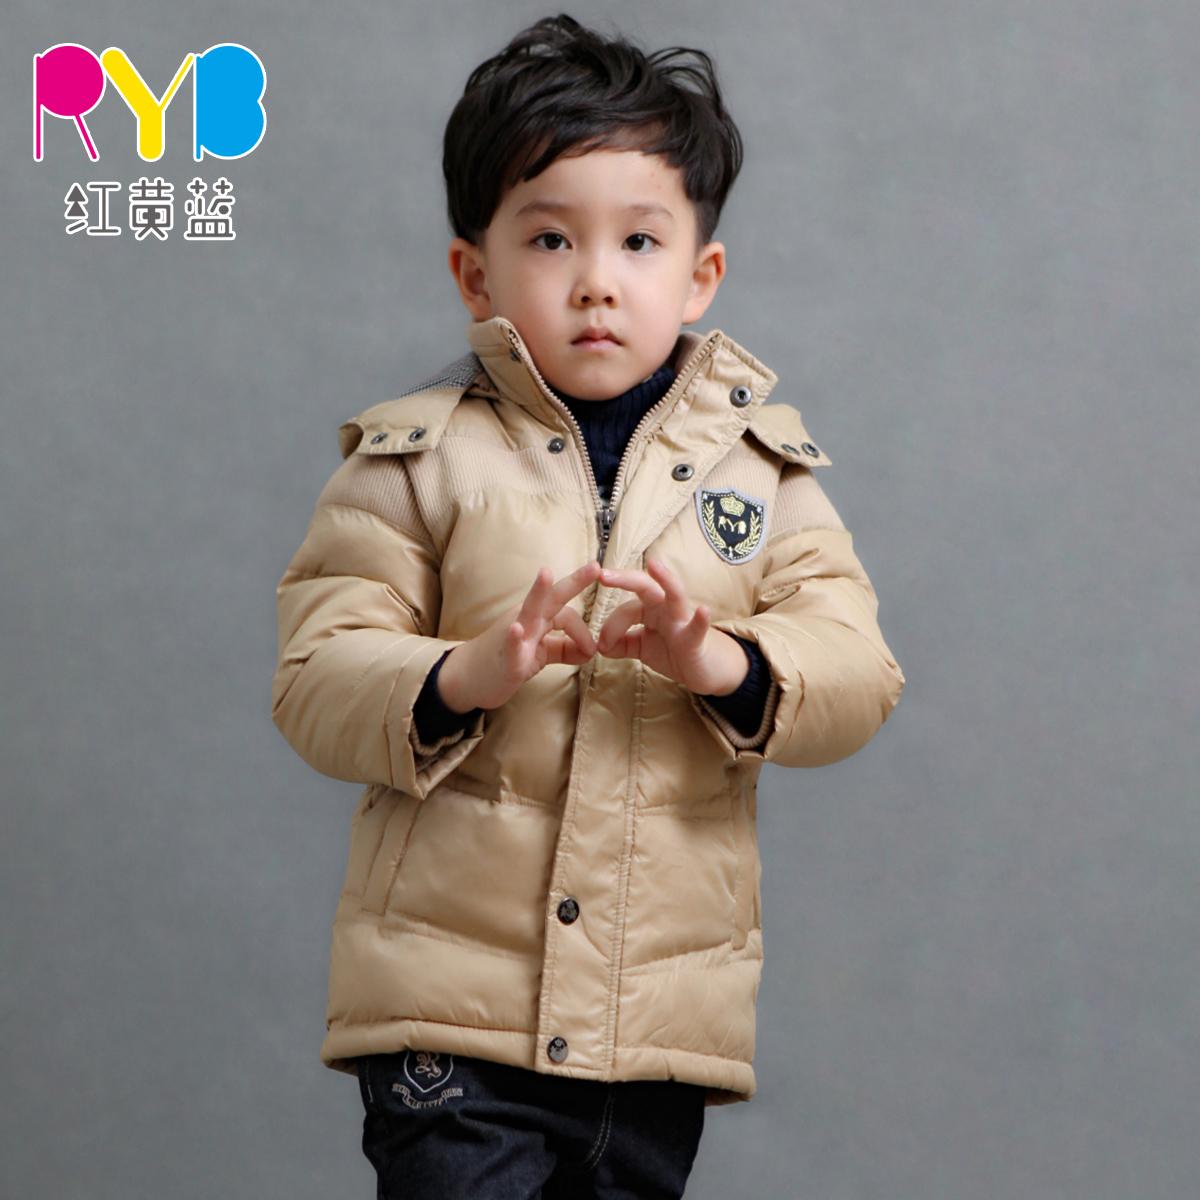 Детская Одежда Из Китая Дешево С Доставкой